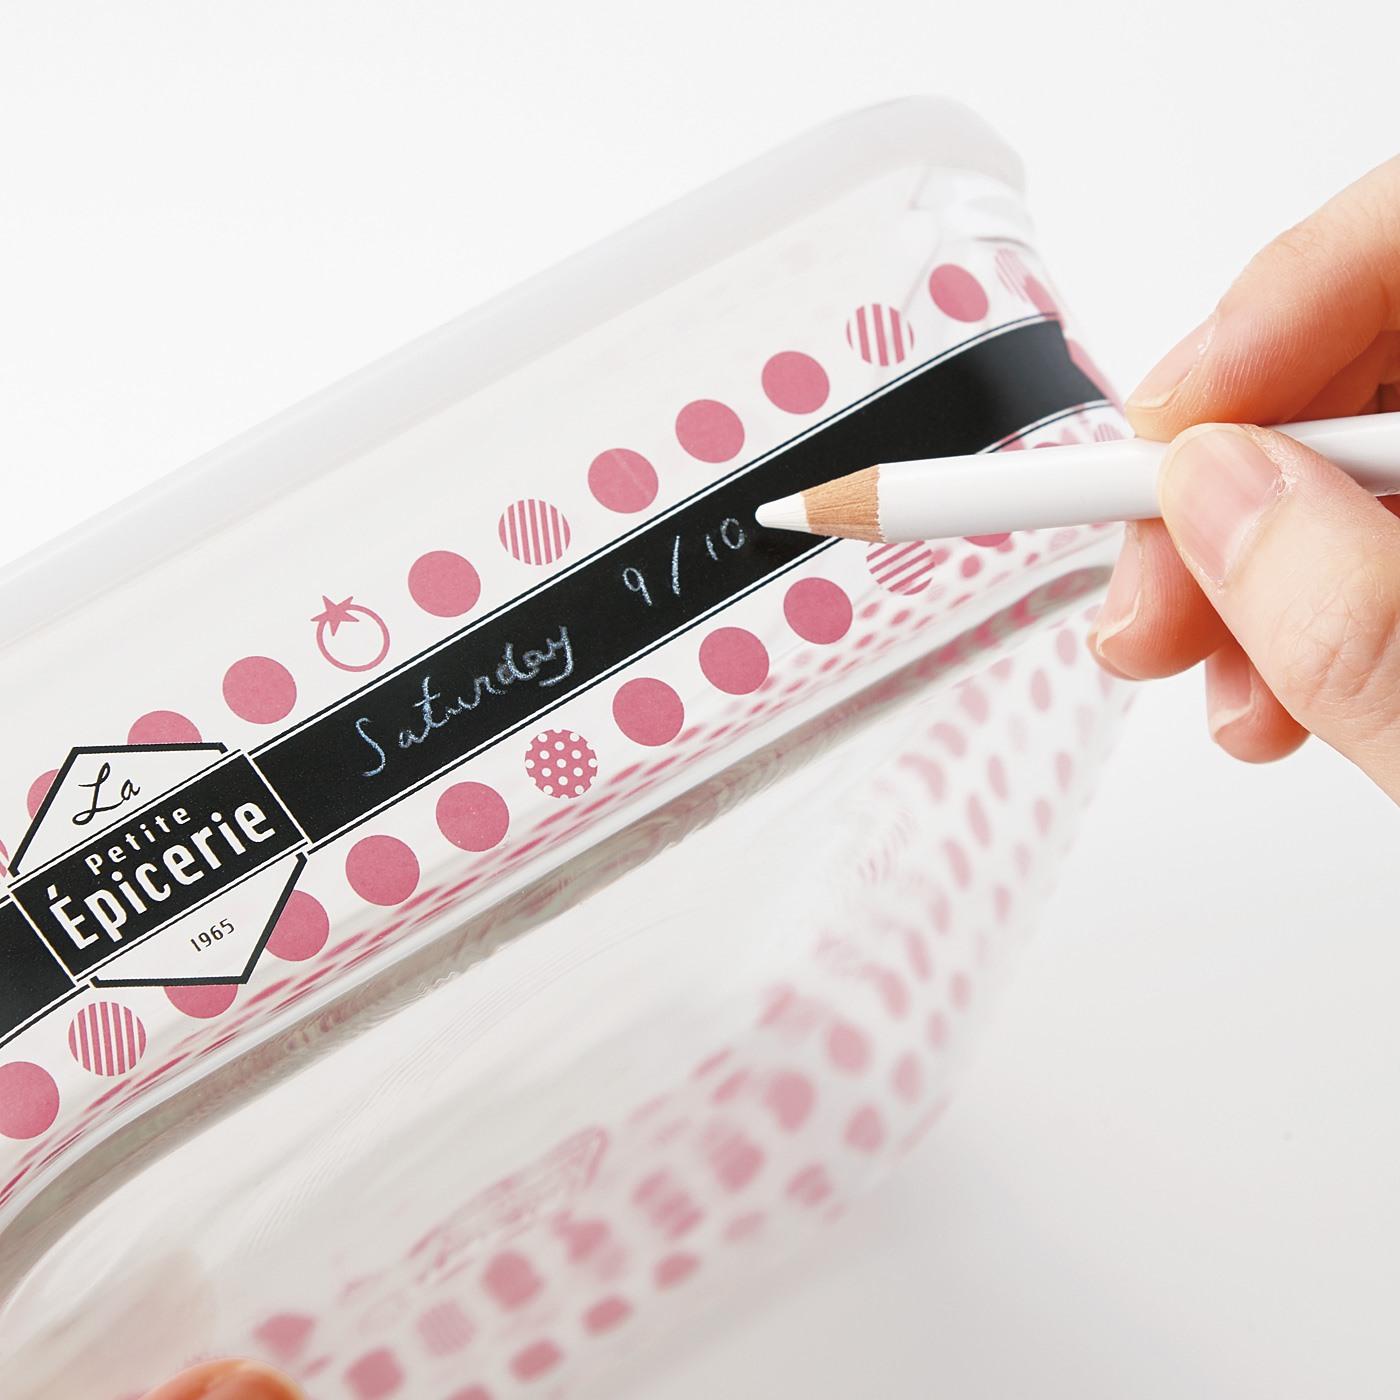 淡色の色鉛筆で簡単に書き込みOK。洗えばサッと落とせます。